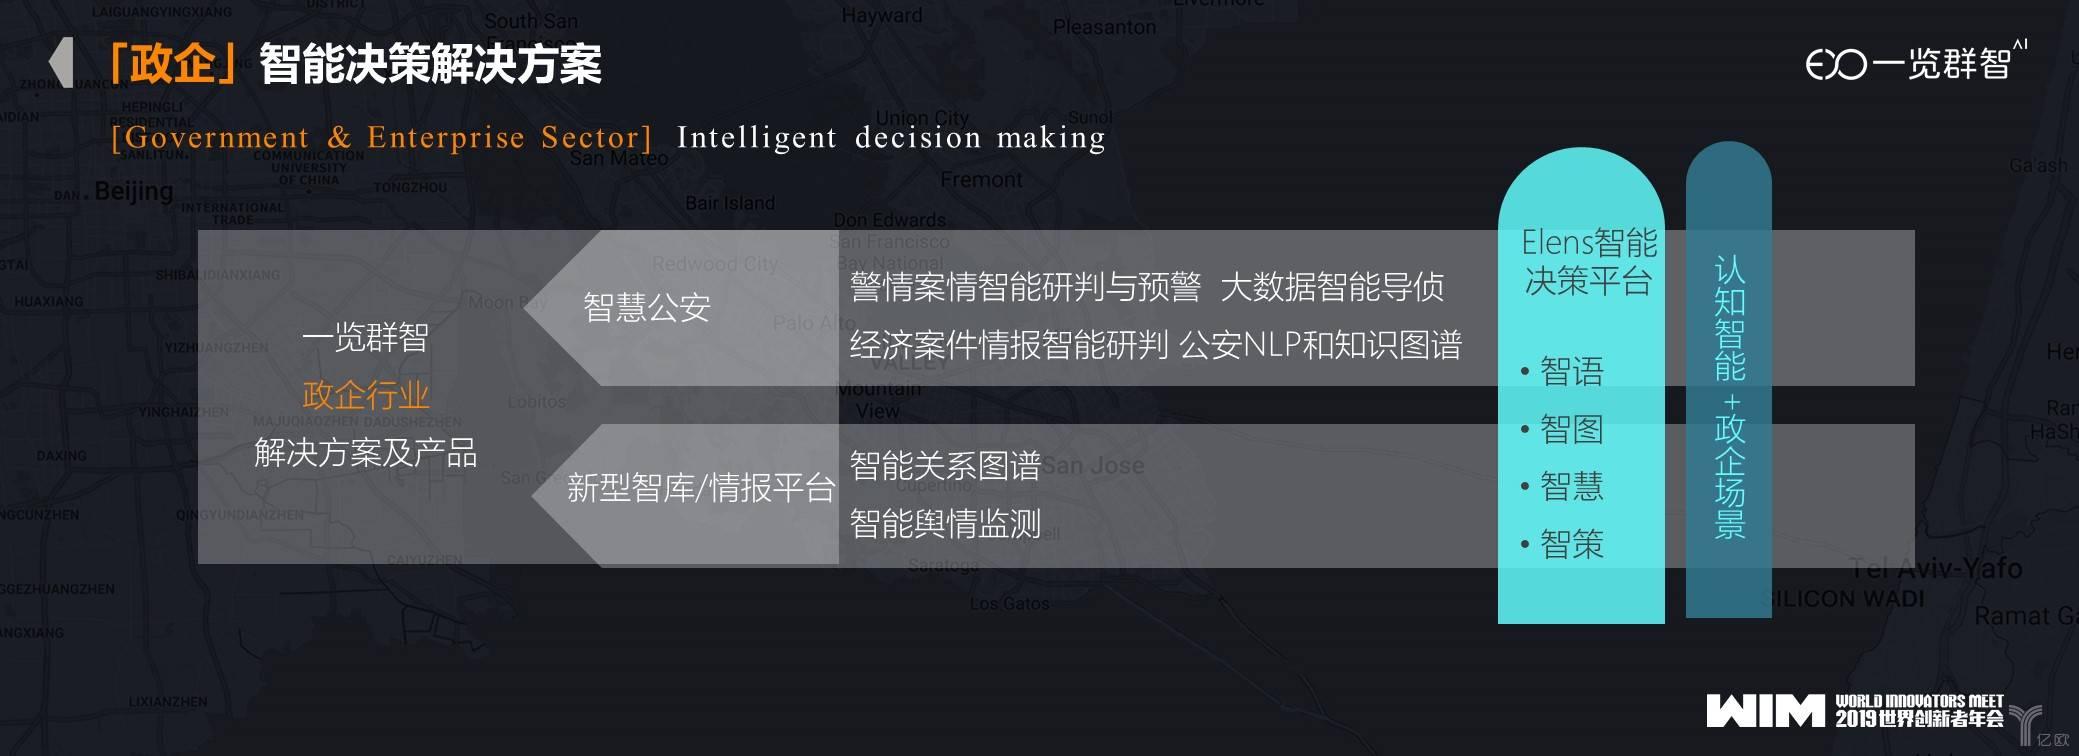 智能决策解决方案